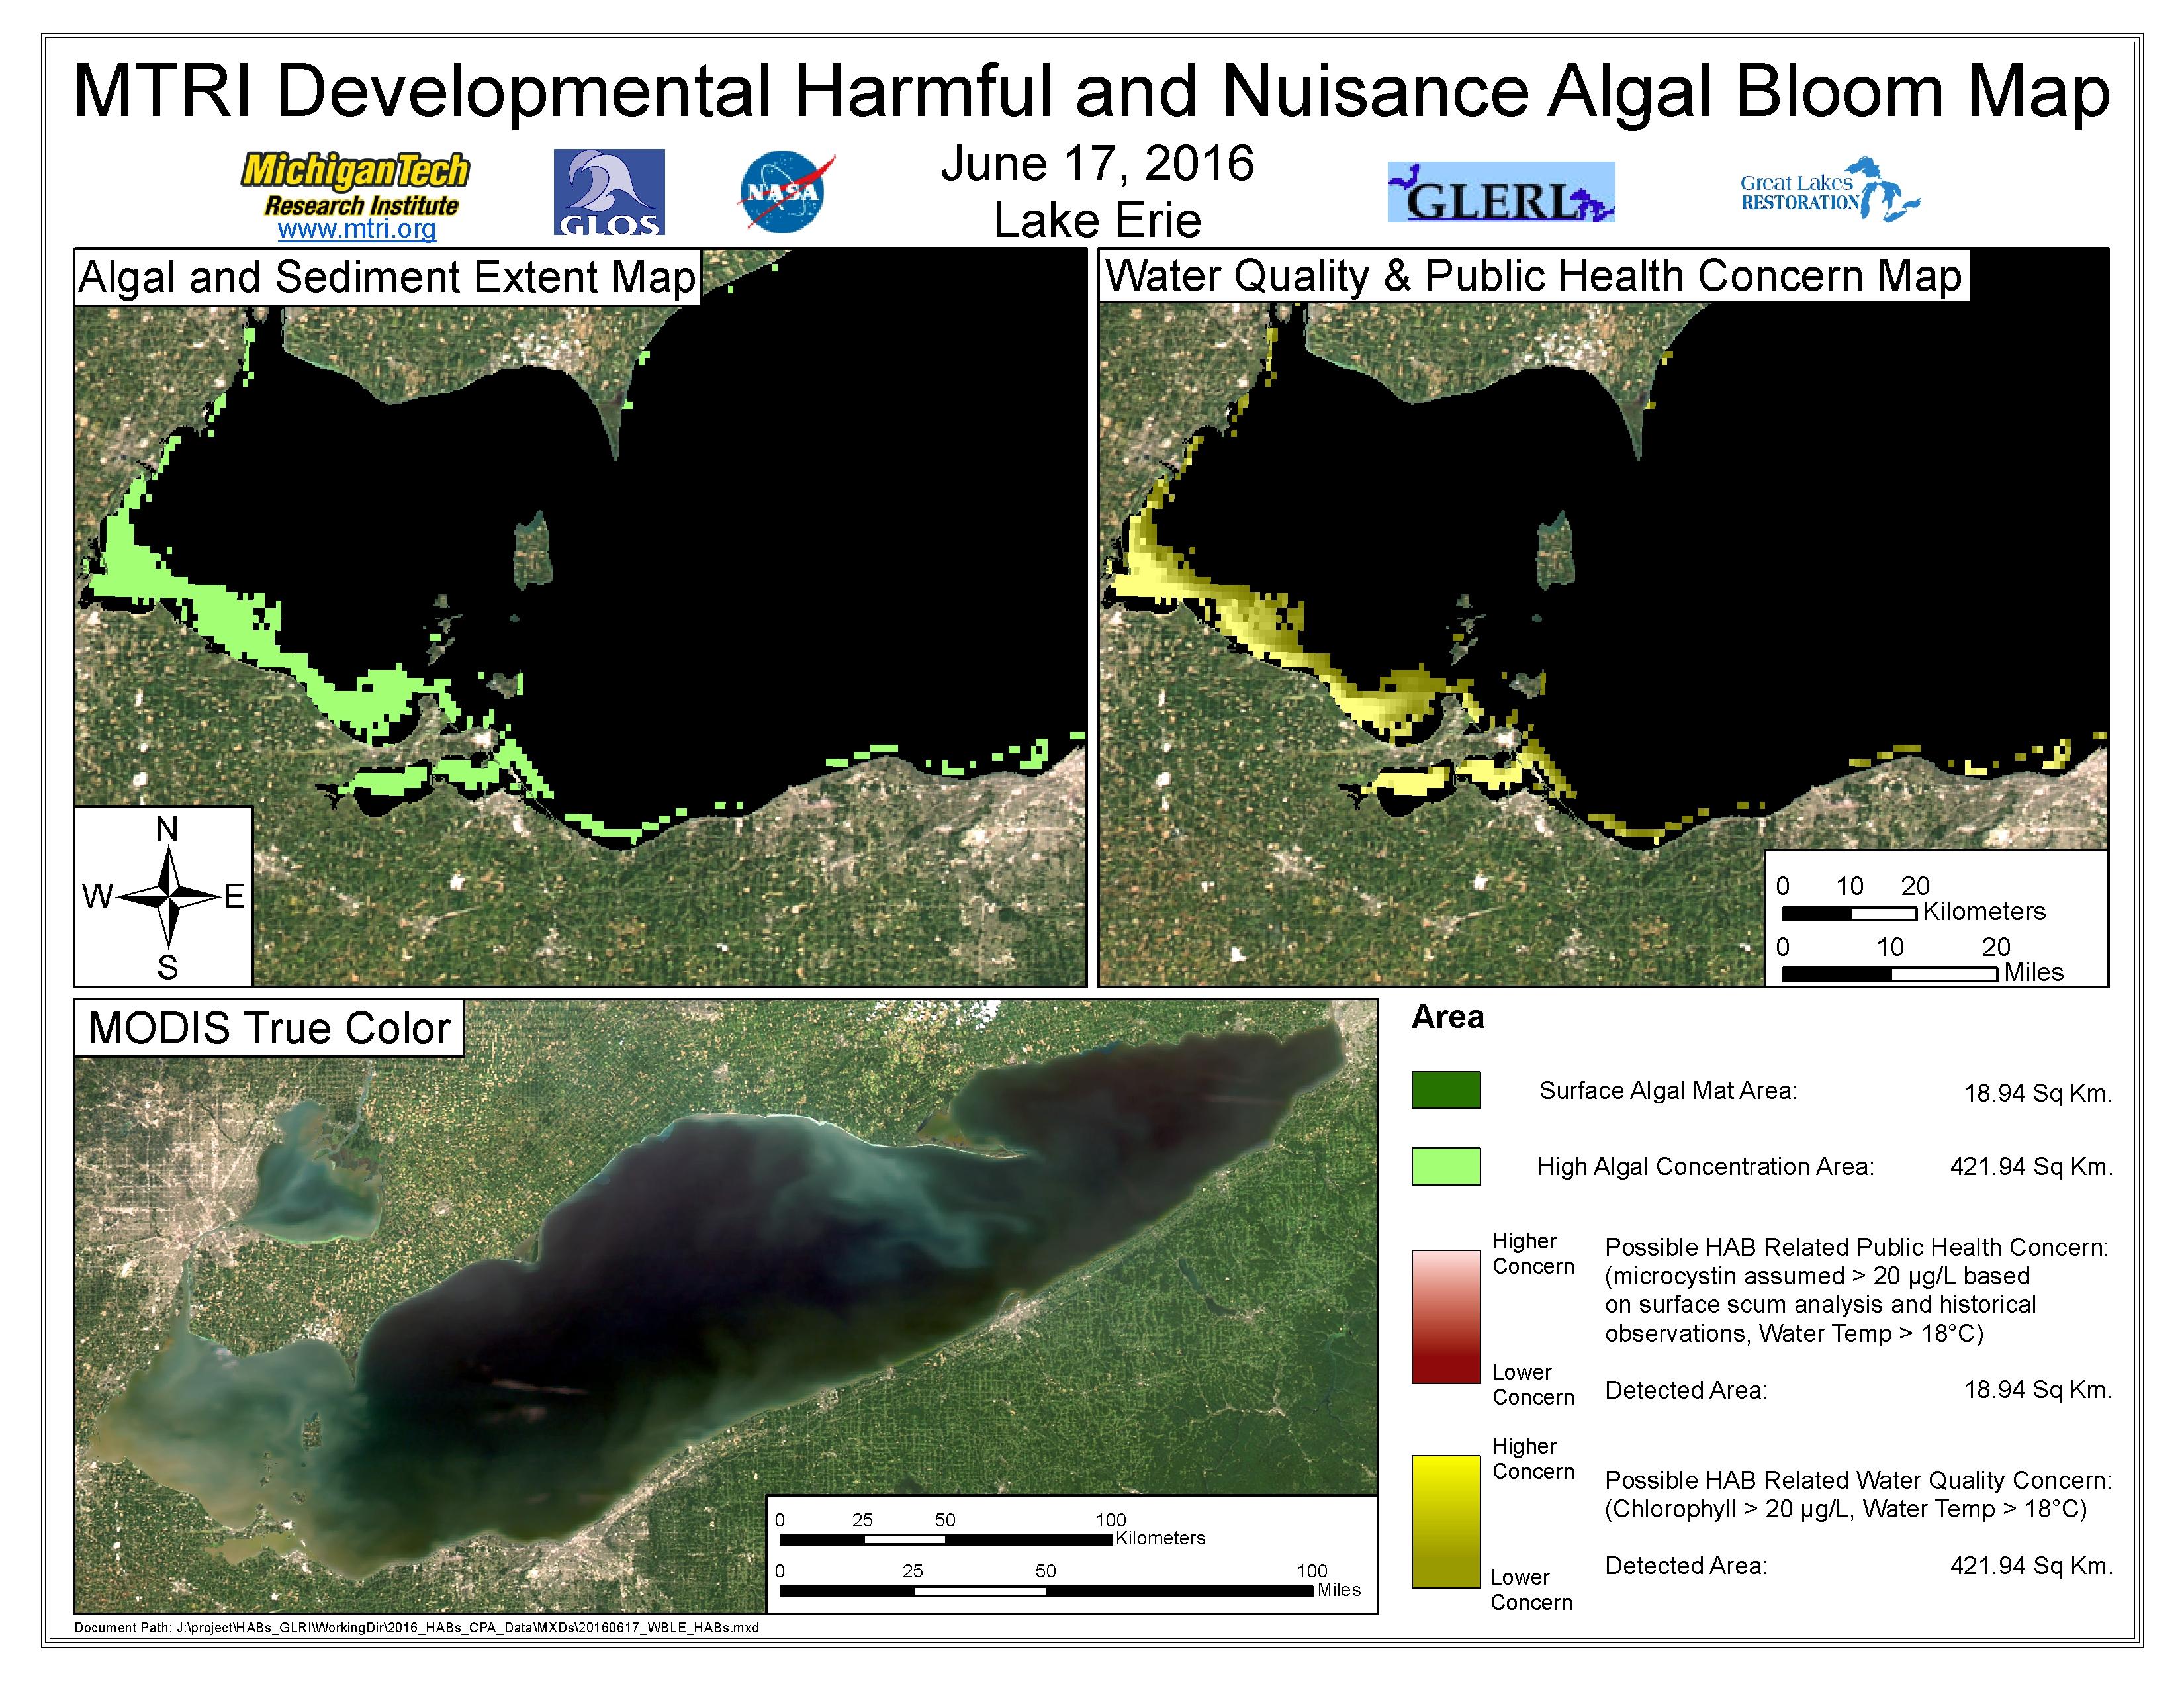 MODIS Aqua retrieval June 17, 2016